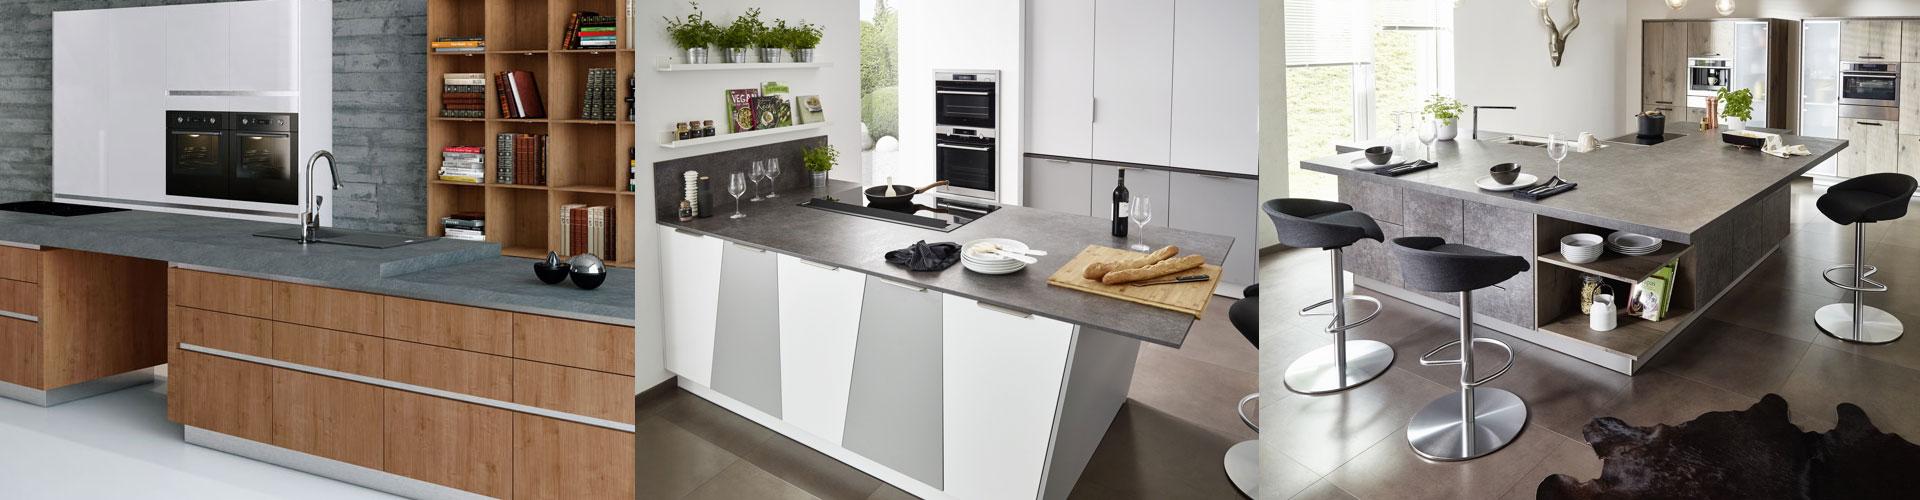 German Kitchens Aberdeen & Aberdeenshire: Kuhlmann Kitchens